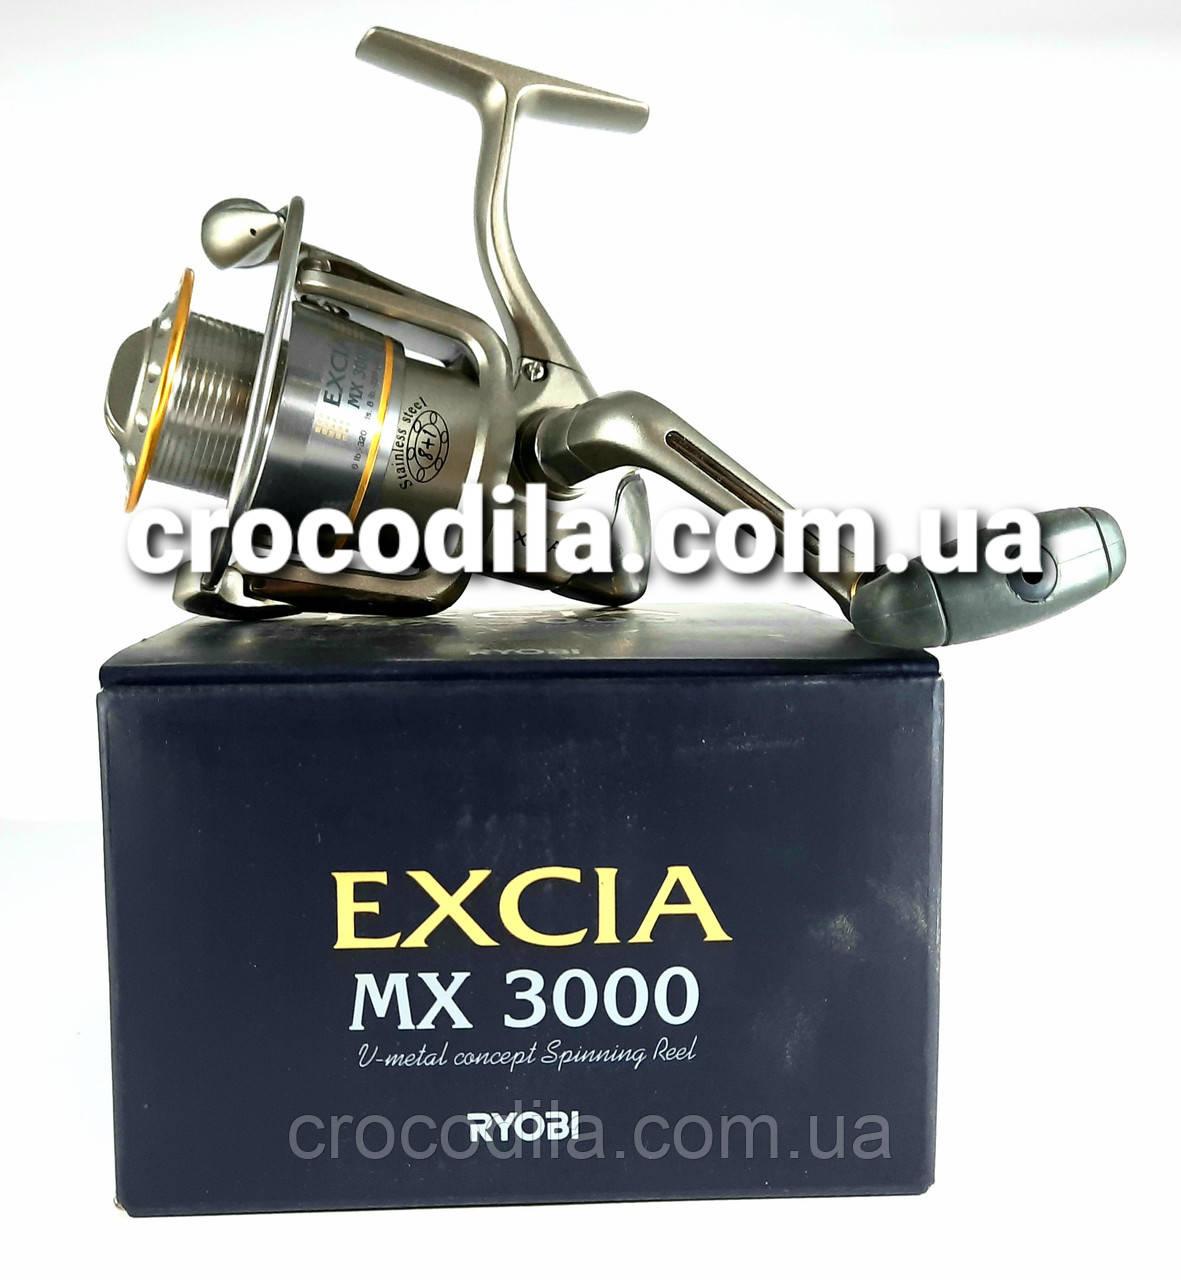 Спиннинговая котушка Ryobi Excia 2000 1 алюмінієва шпуля в комплекті